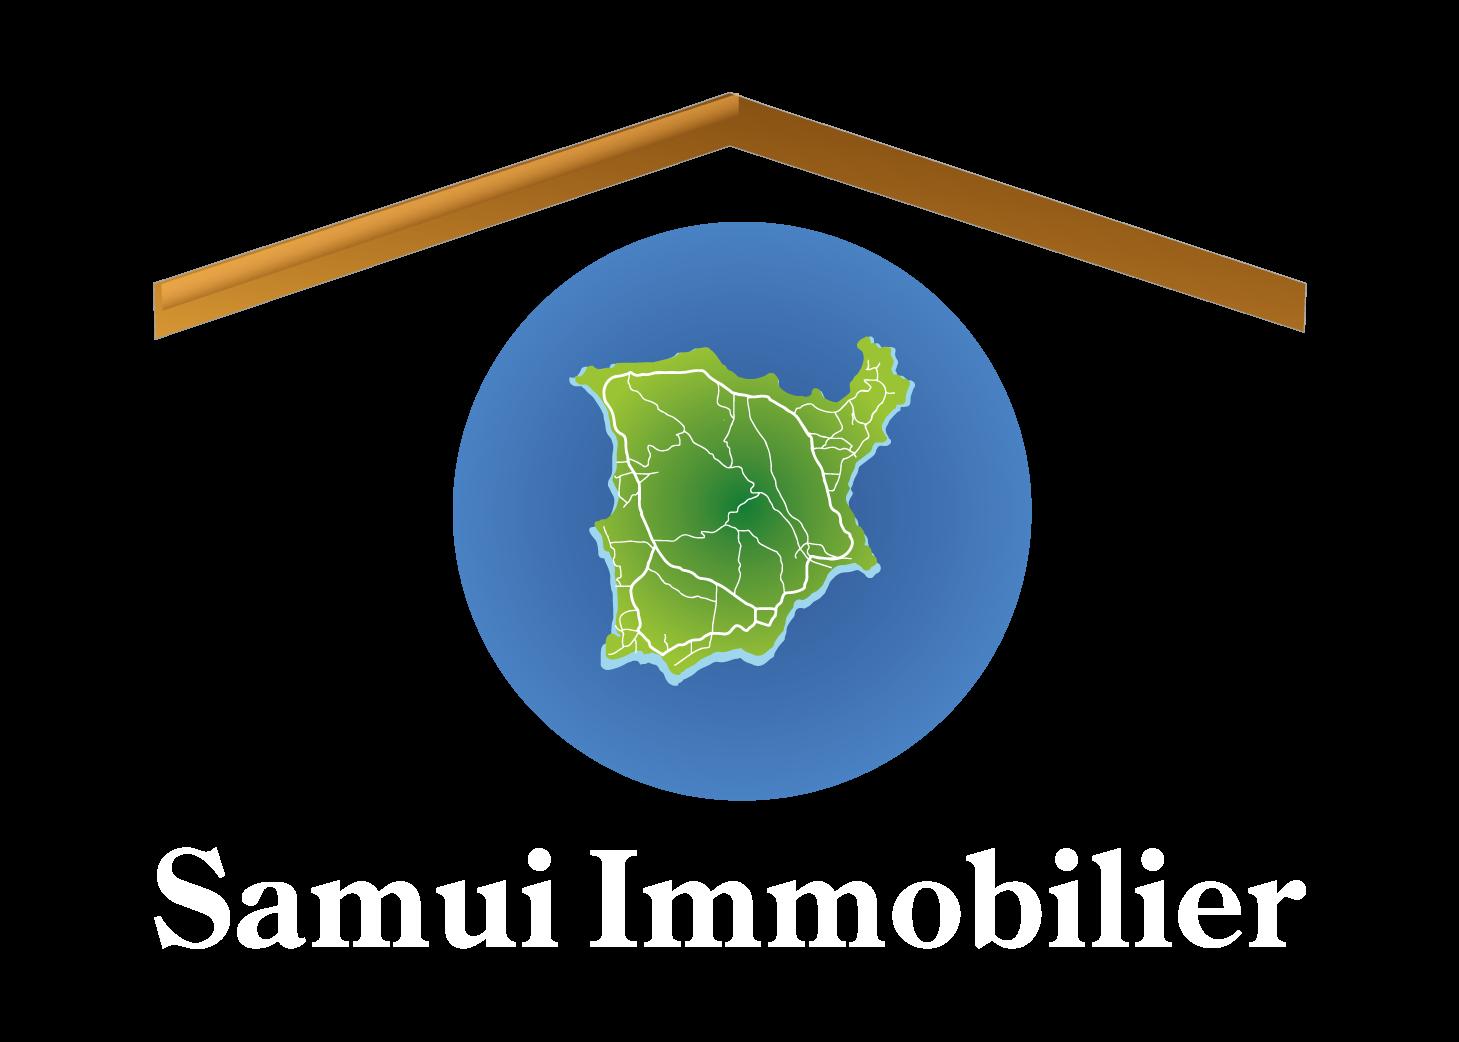 Samui Immobilier